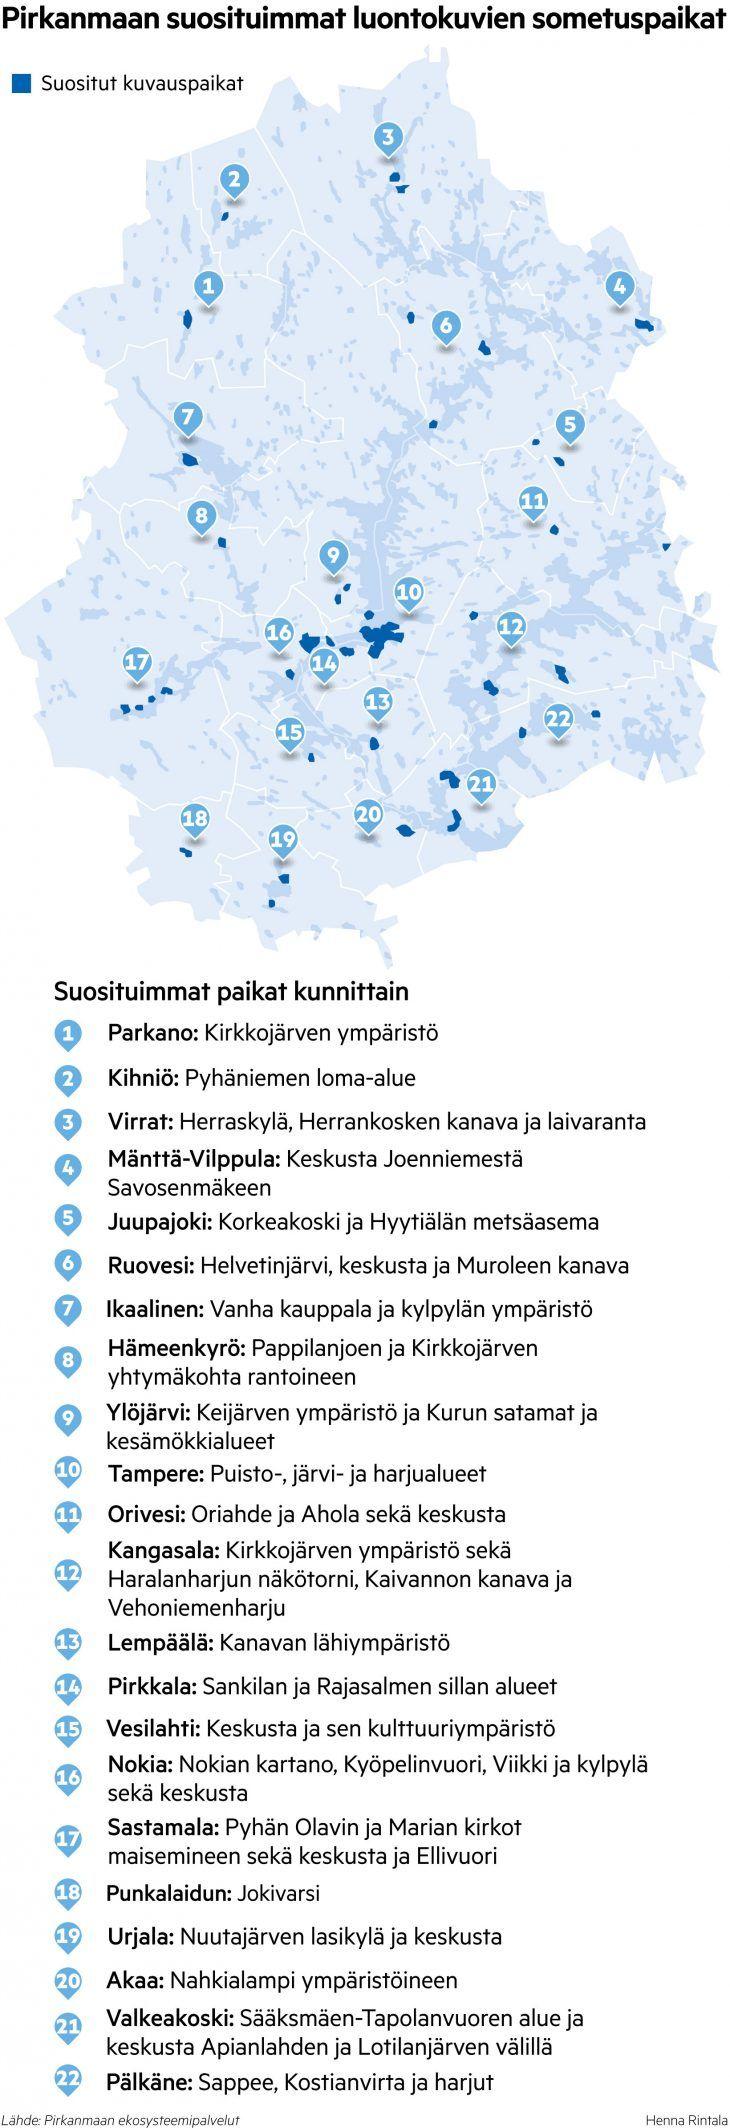 Lista Pirkanmaan suosituimmista luontokohteista kerättiin Instasta – some vaikuttaa maakuntakaavaan - Aamulehti